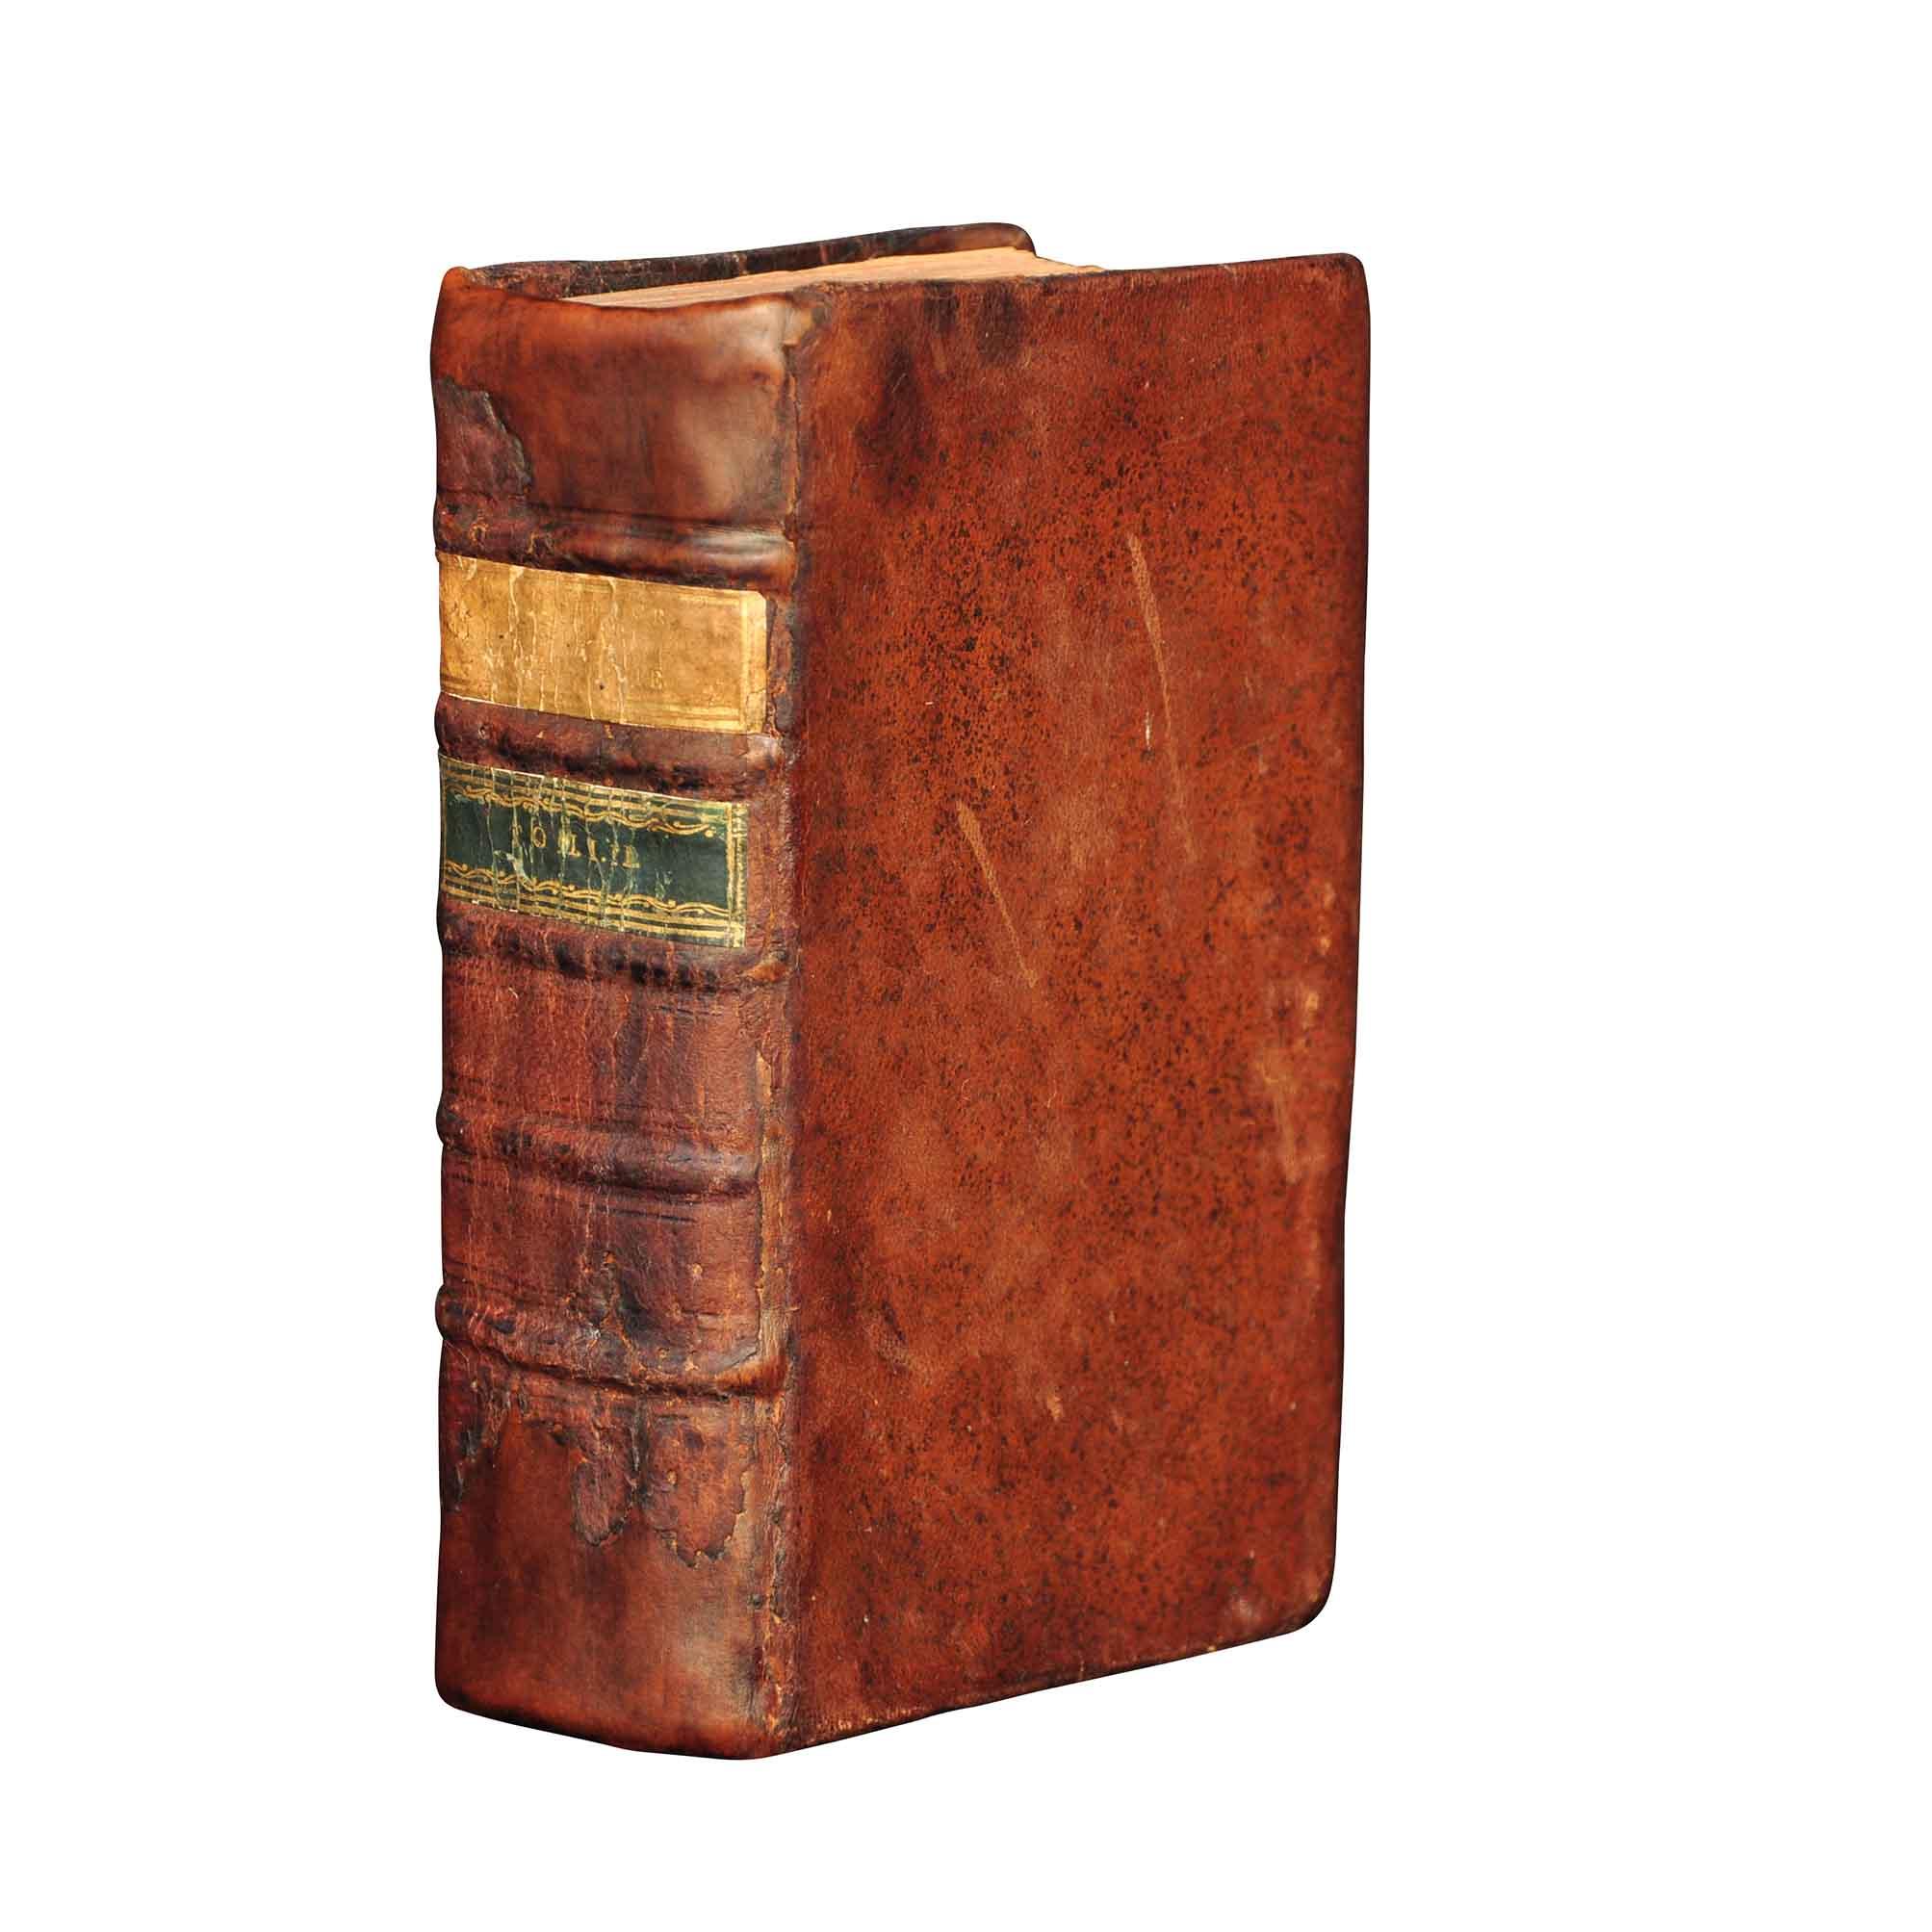 1183-Massuet-Science-1752-Einband-Ruecken-frei-N.jpg